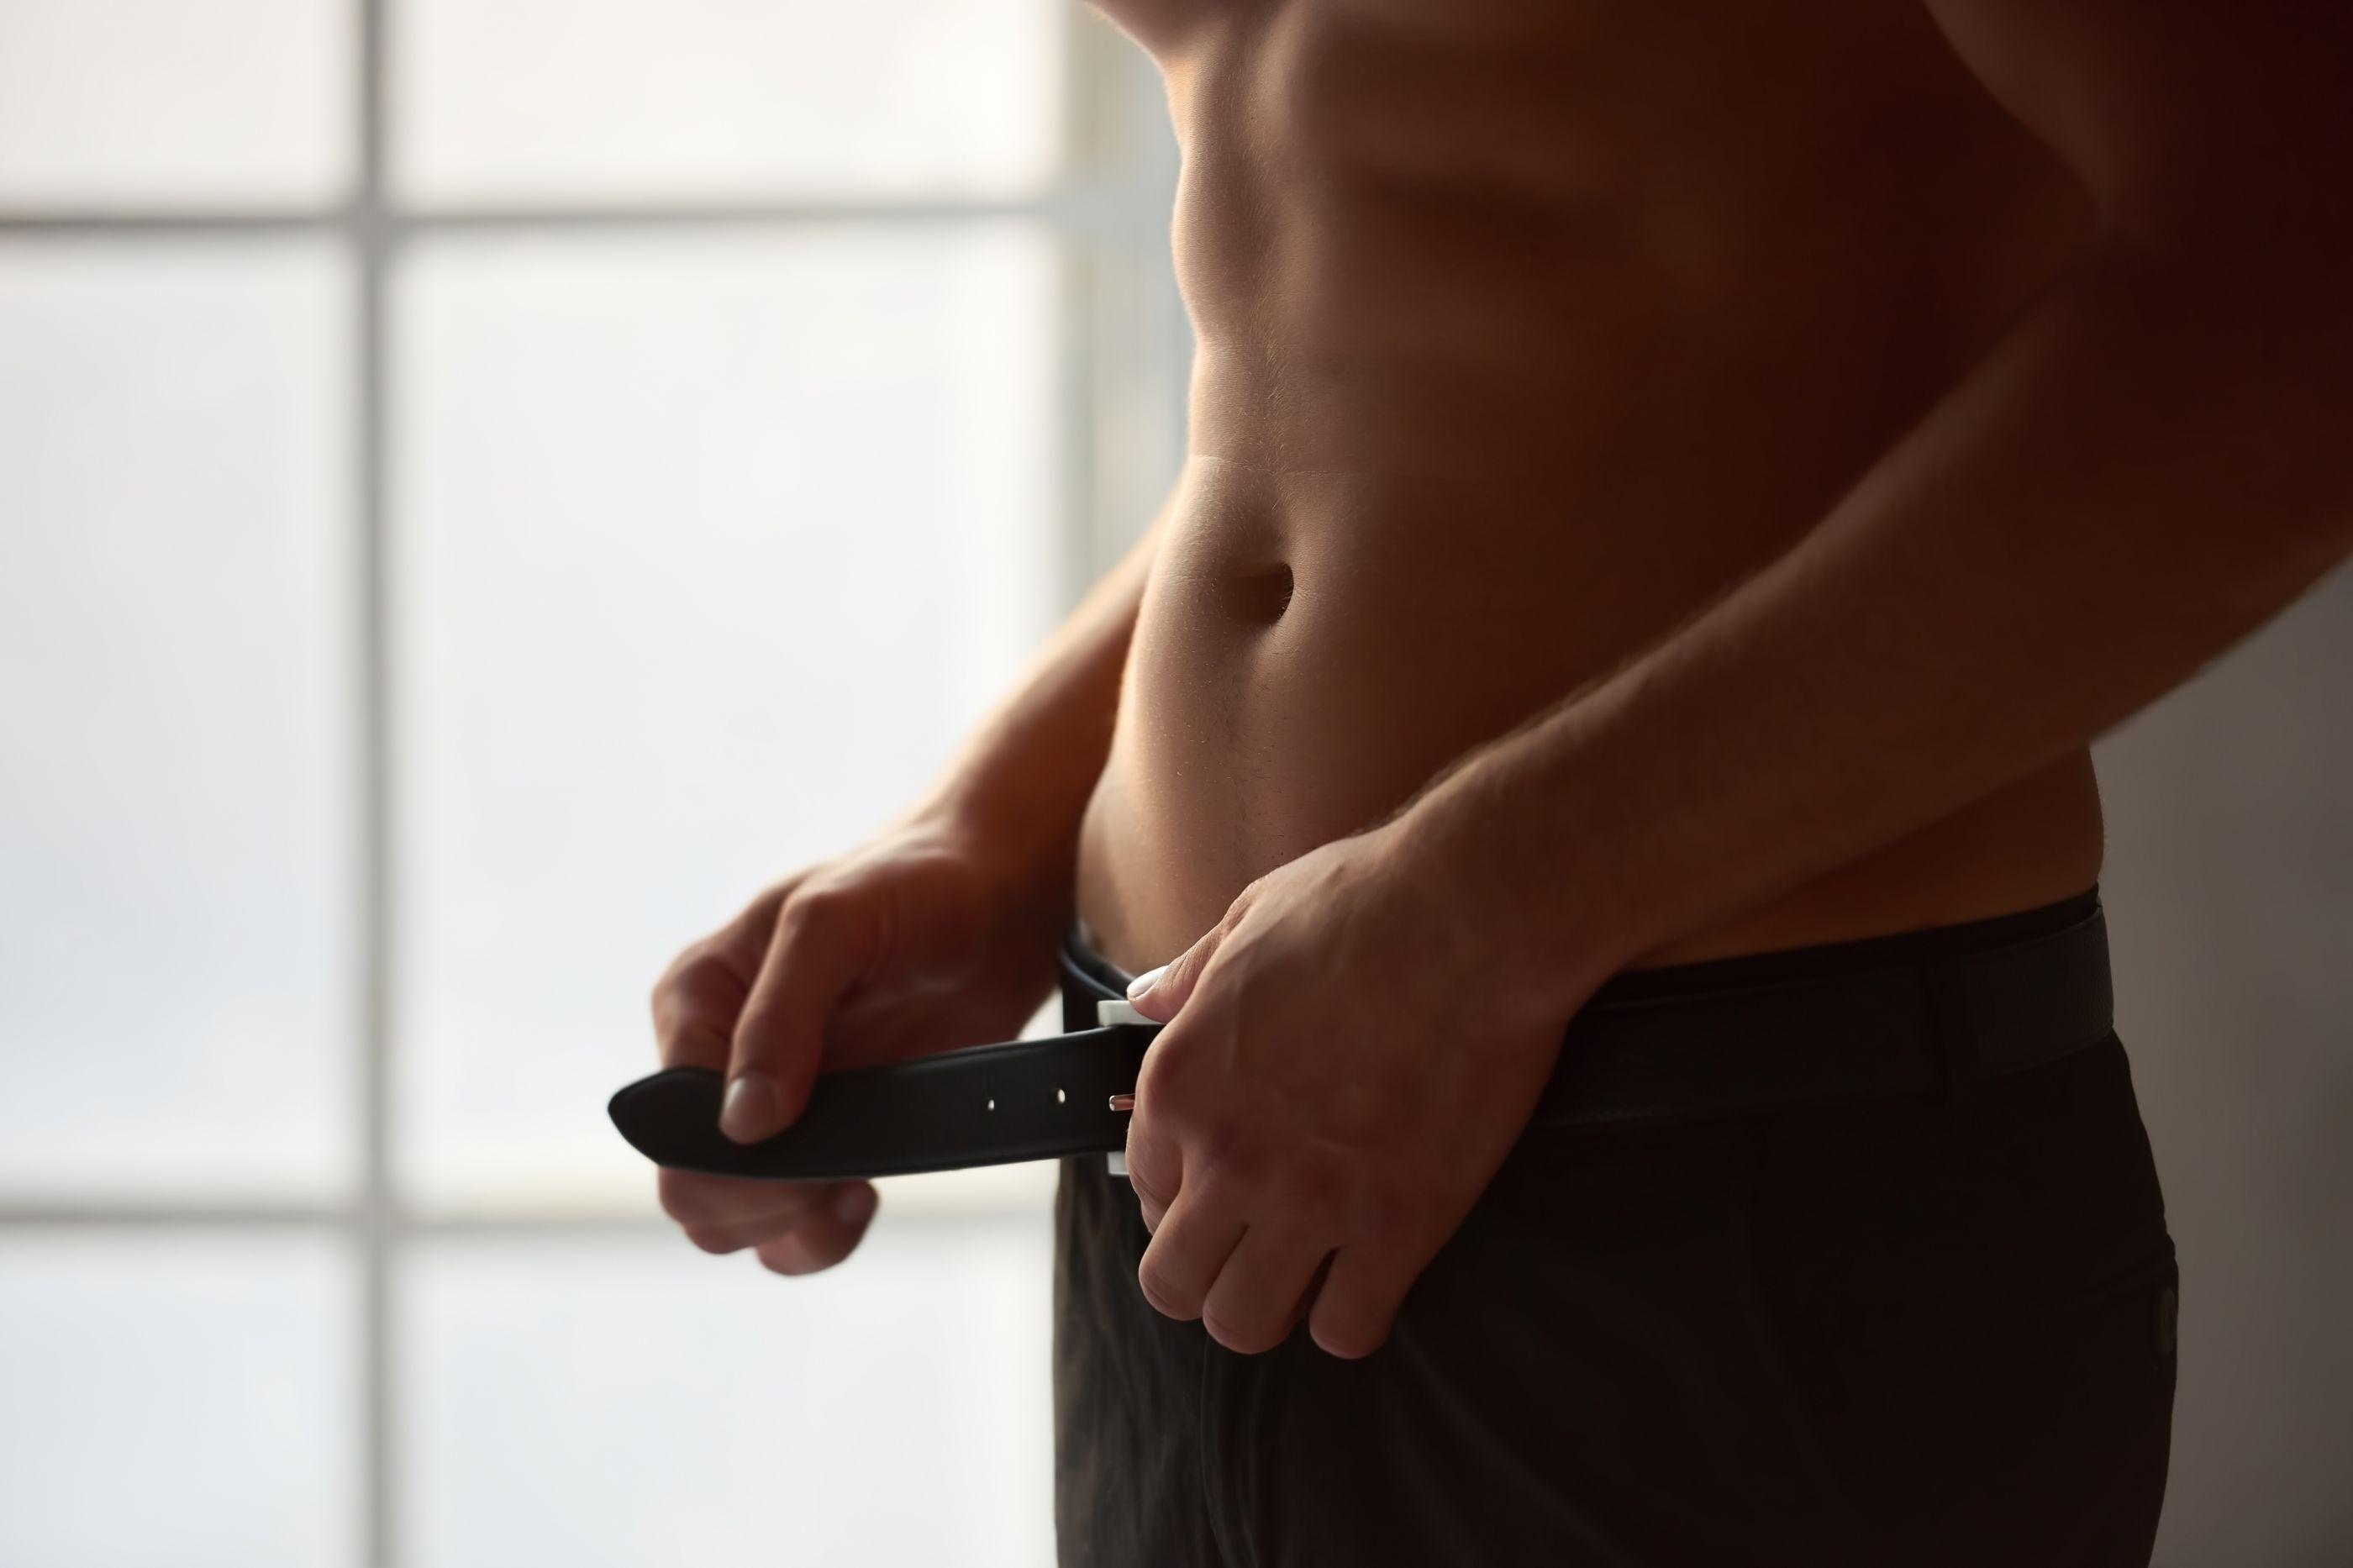 Homens devem masturbar-se com mais frequência para cortar risco de cancro